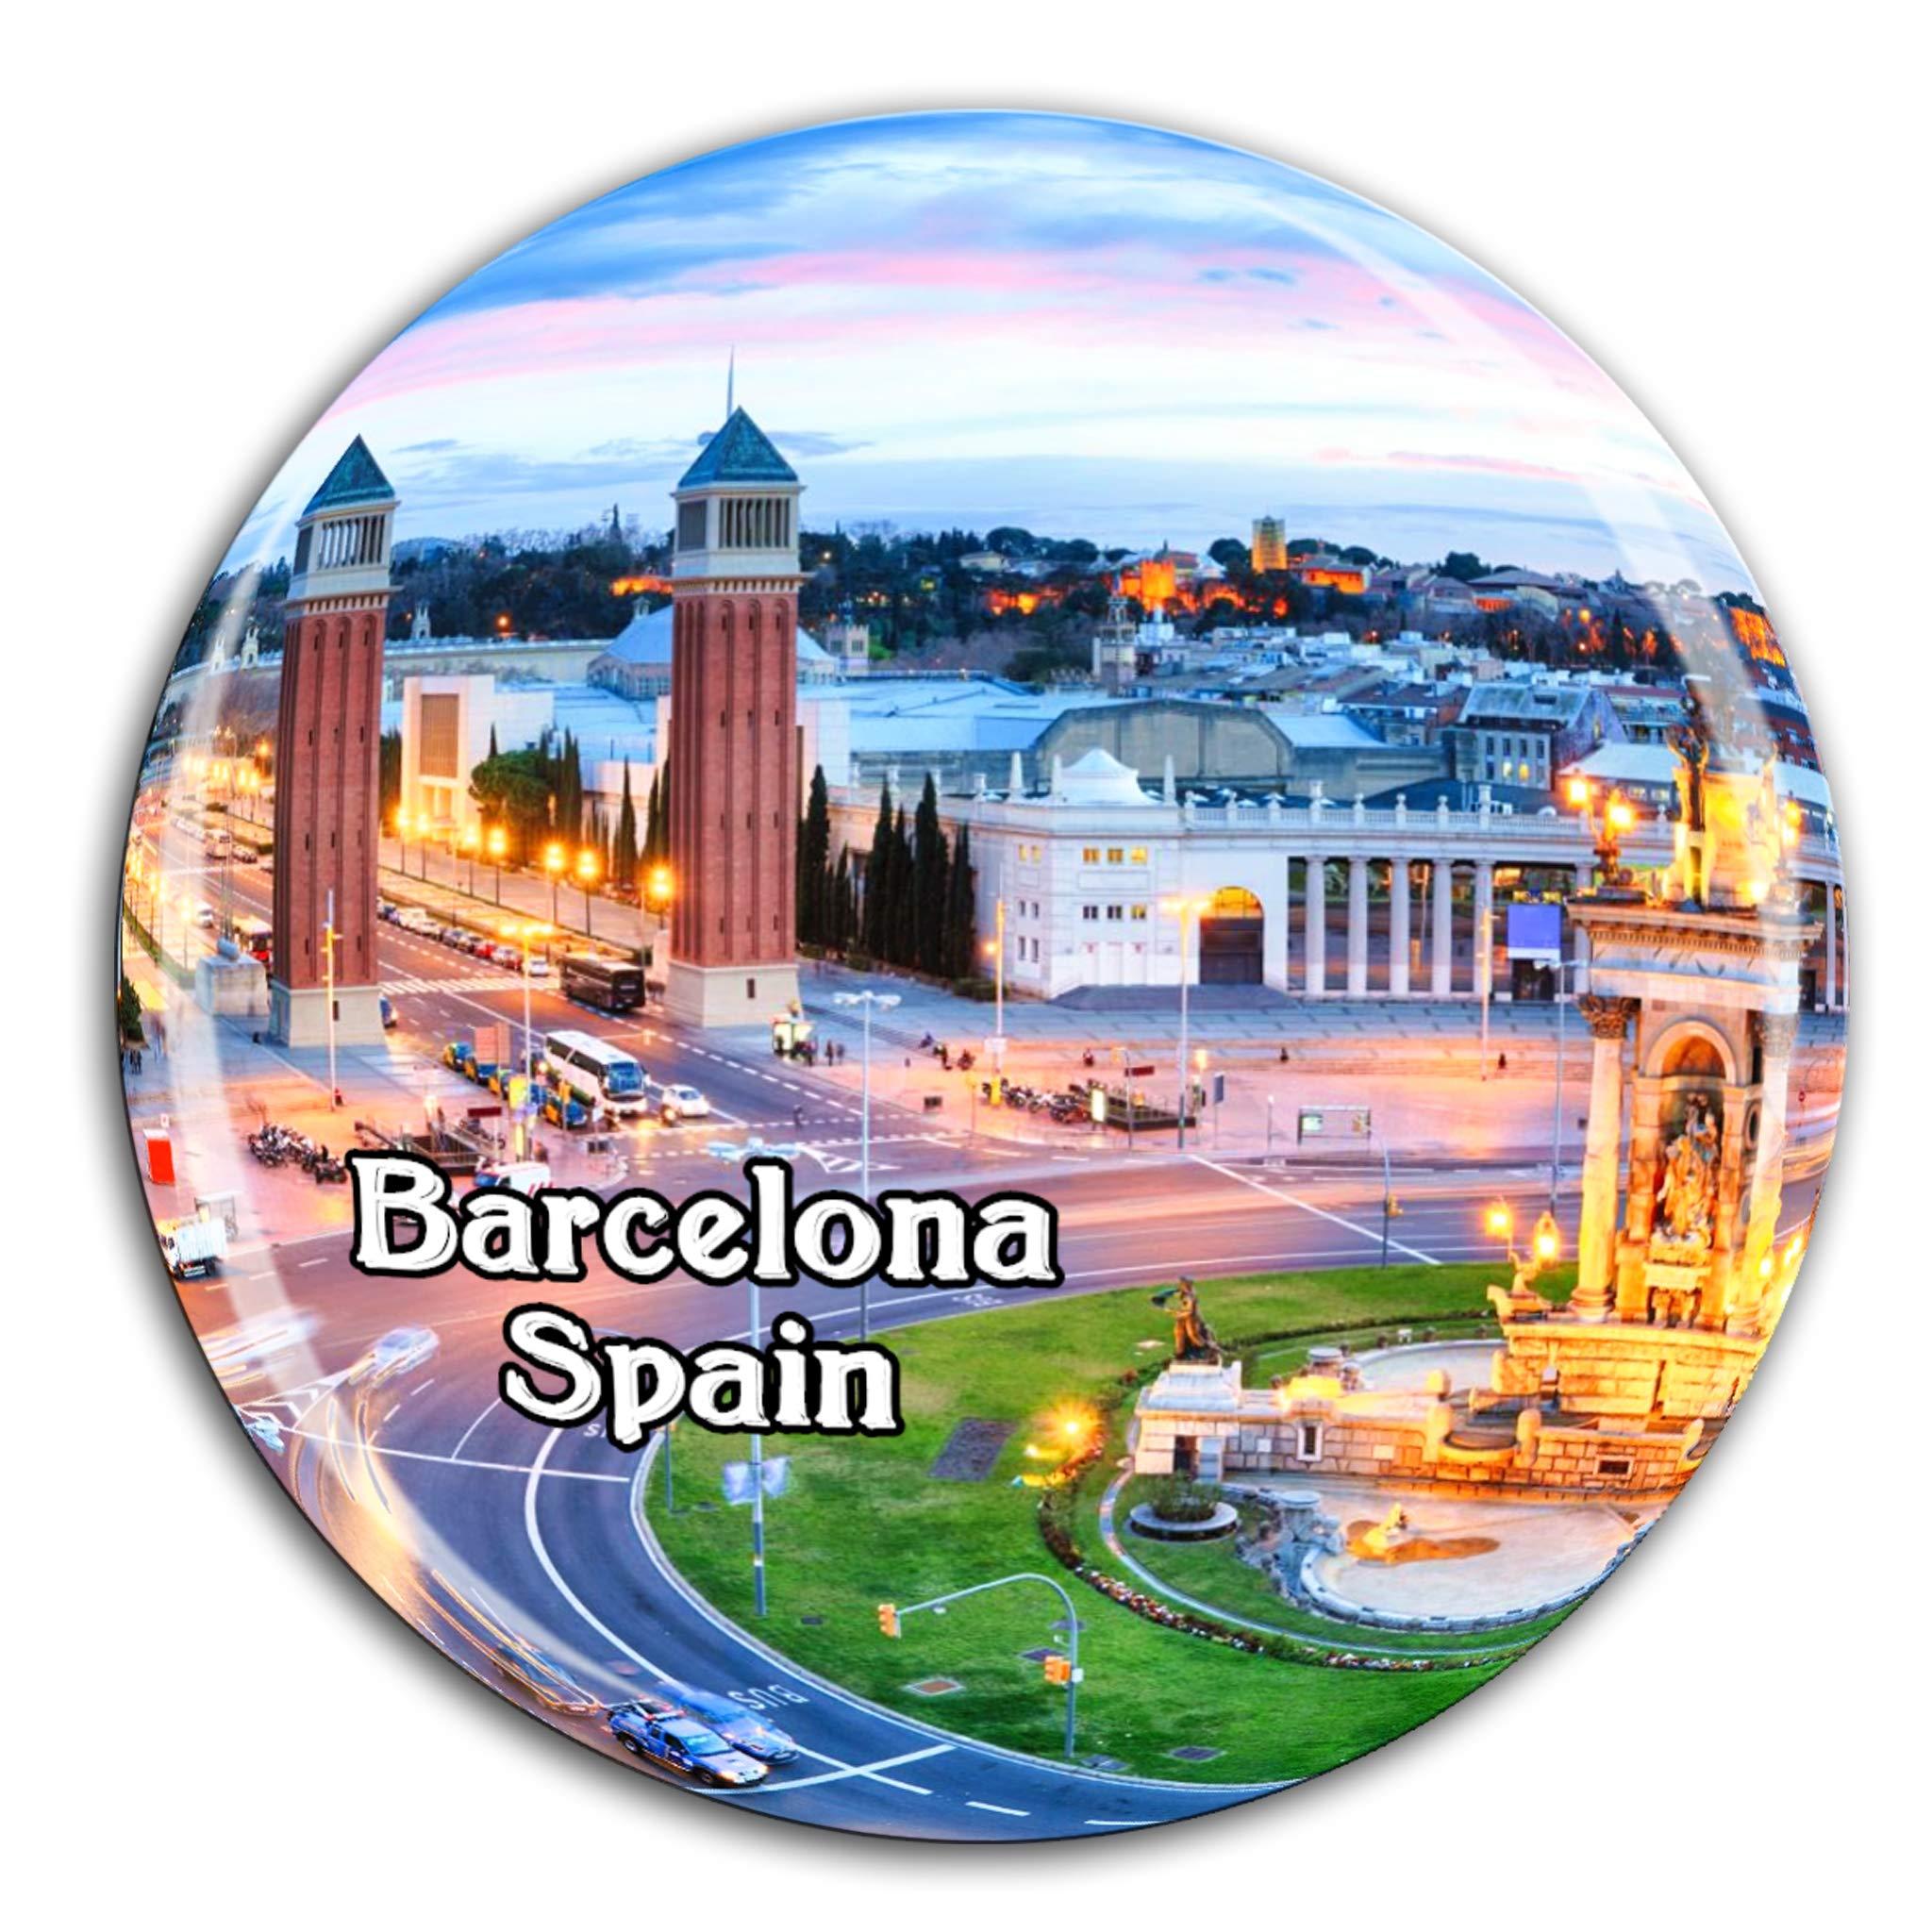 Plaza de España Barcelona España Imán de Nevera Cristal 3D Cristal Ciudad Turística Recuerdo de Viaje Colección Regalo Fuerte Refrigerador Pegatina: Amazon.es: Hogar